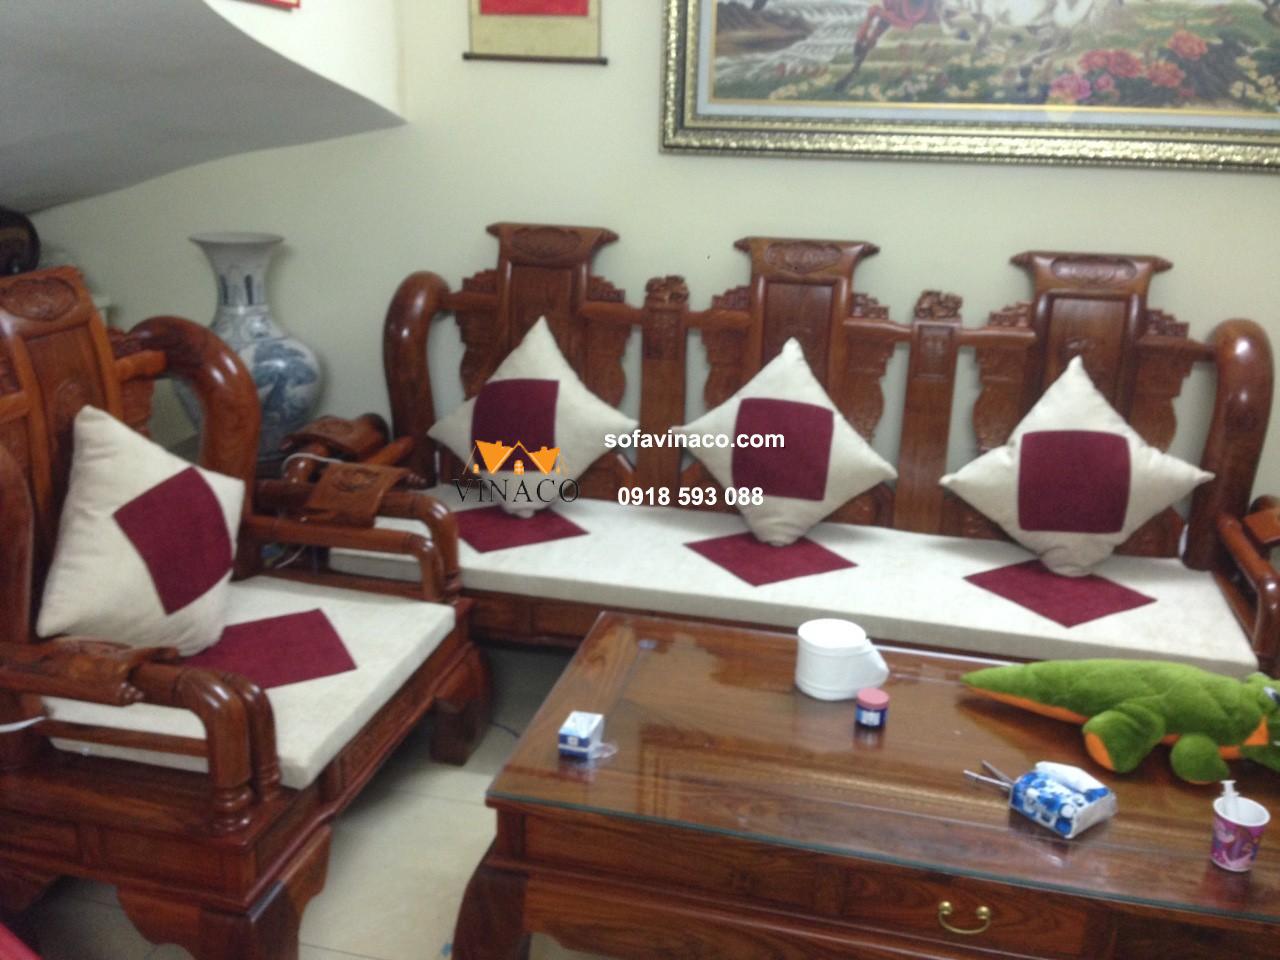 Làm đệm ngồi cho những bộ ghế gỗ Tần Thủy Hoàng